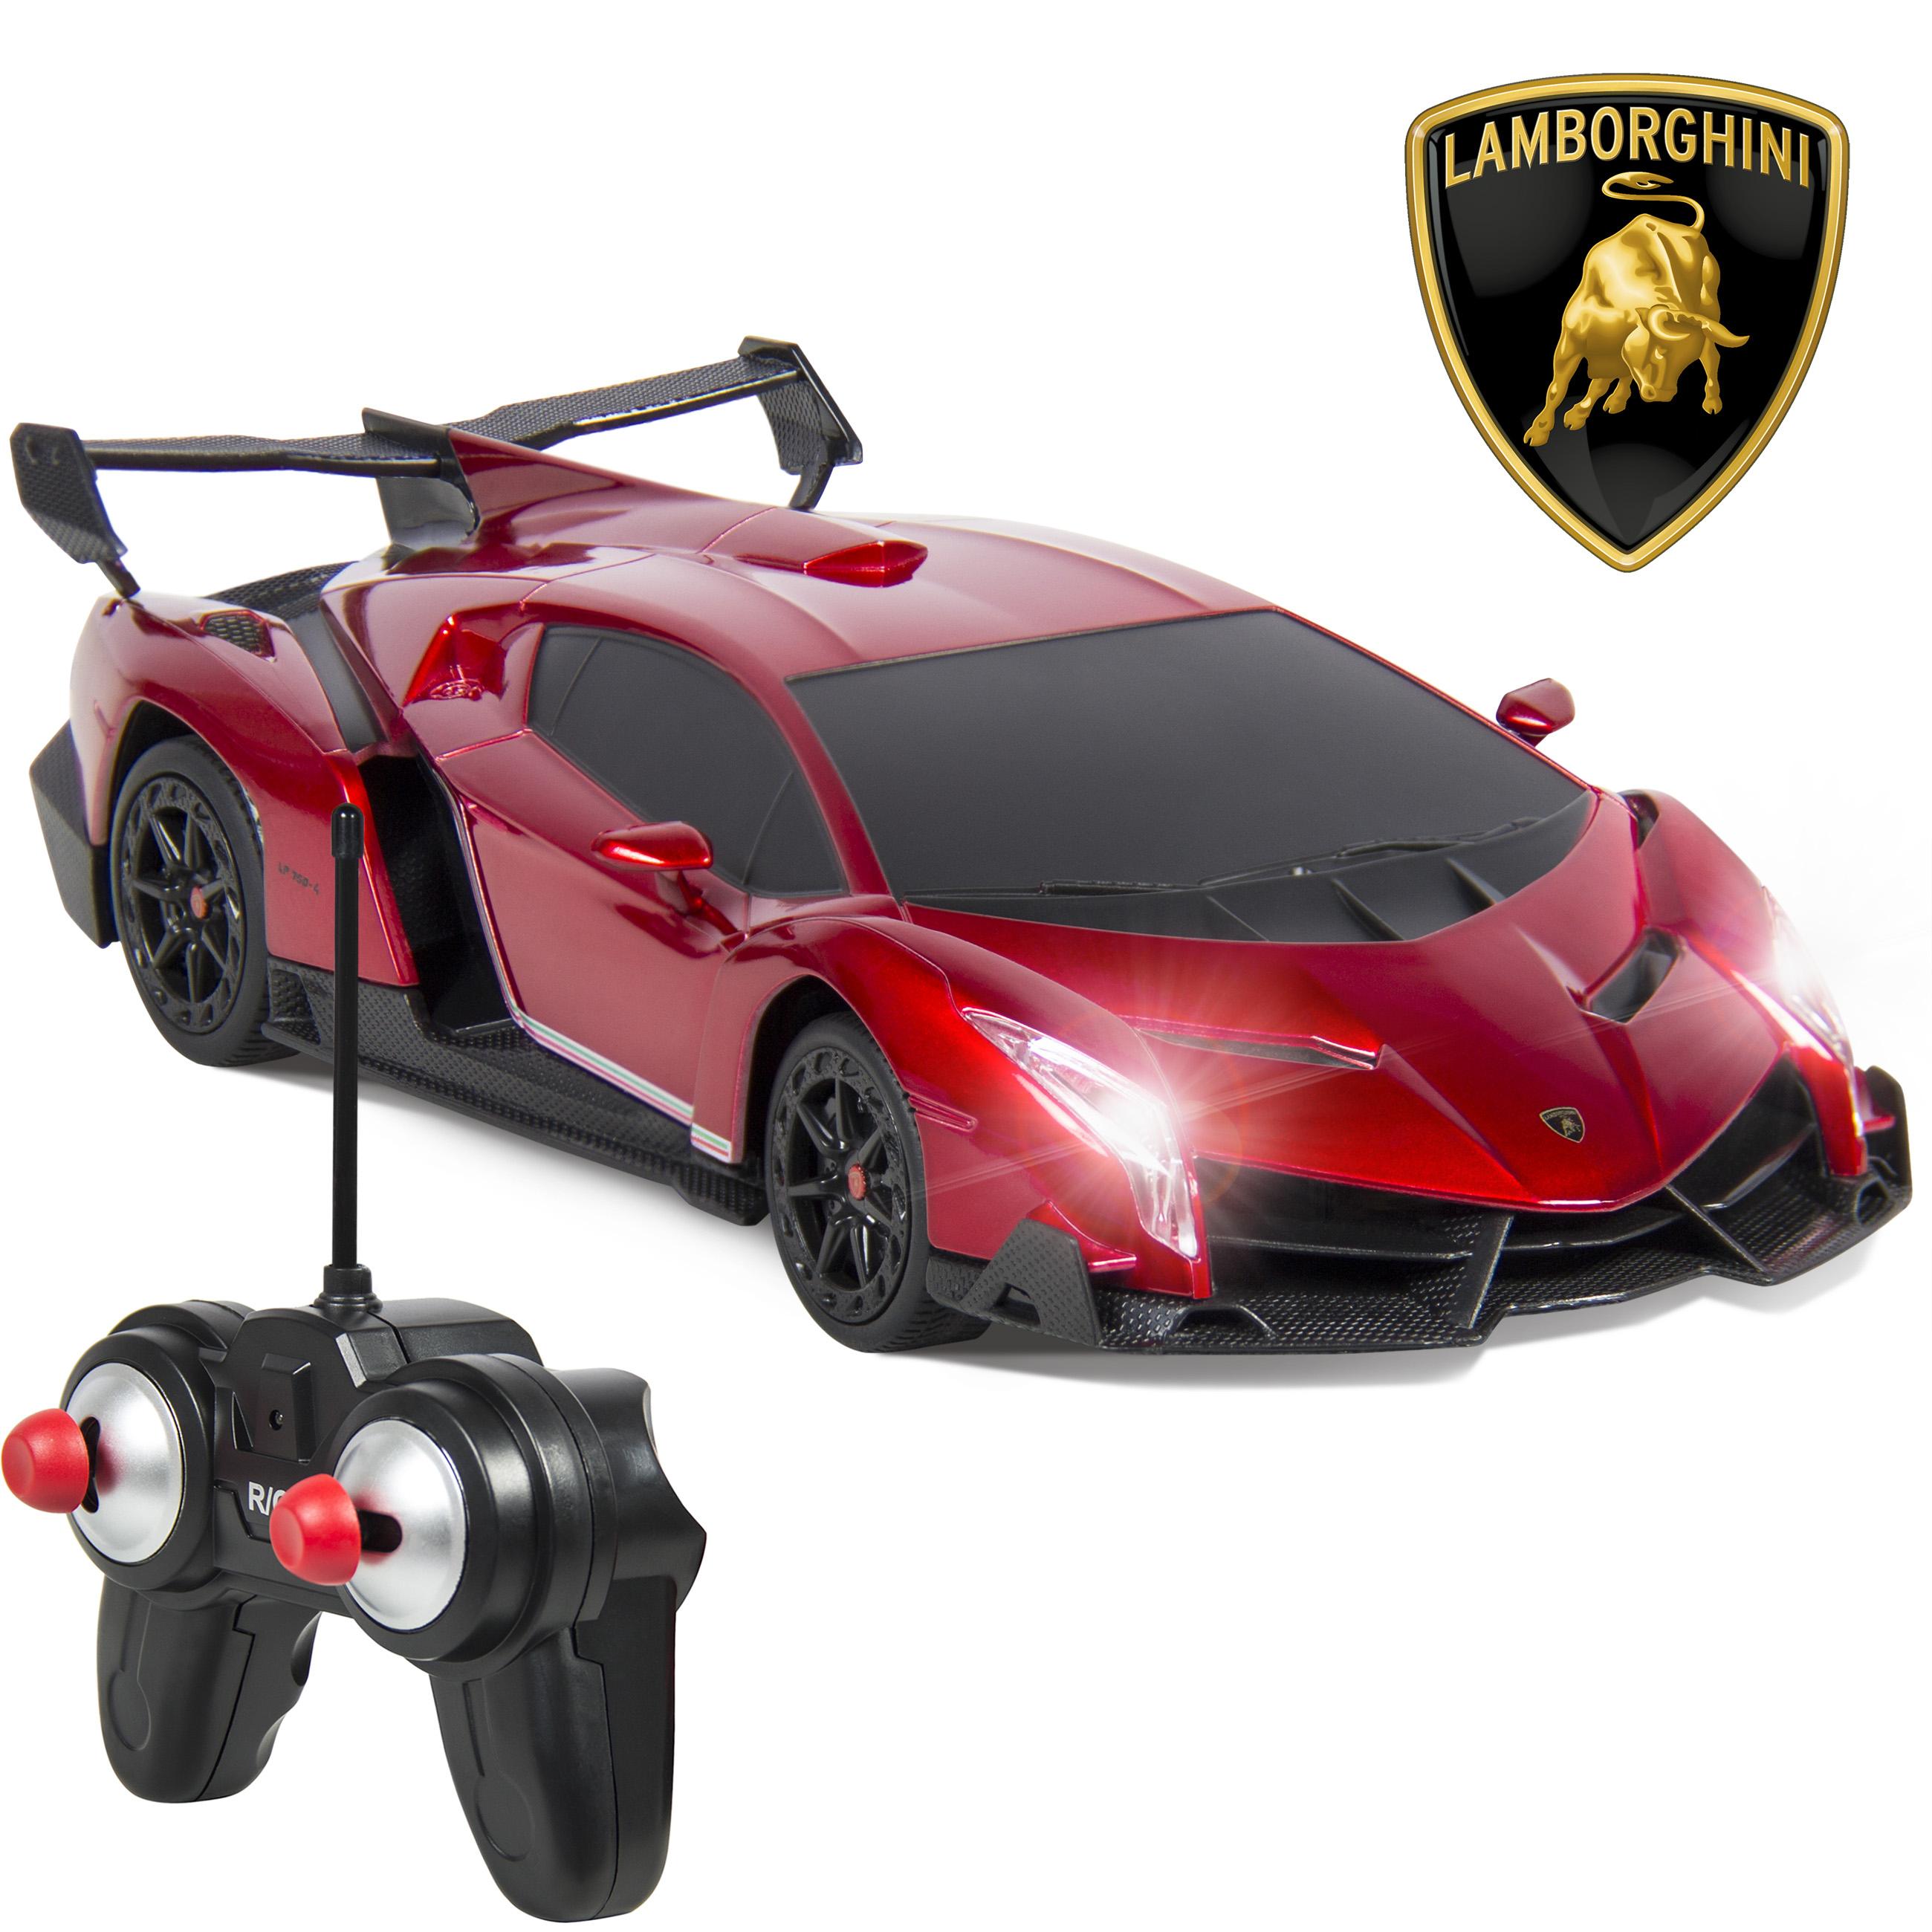 1/24 Officially Licensed RC Lamborghini Veneno Sport